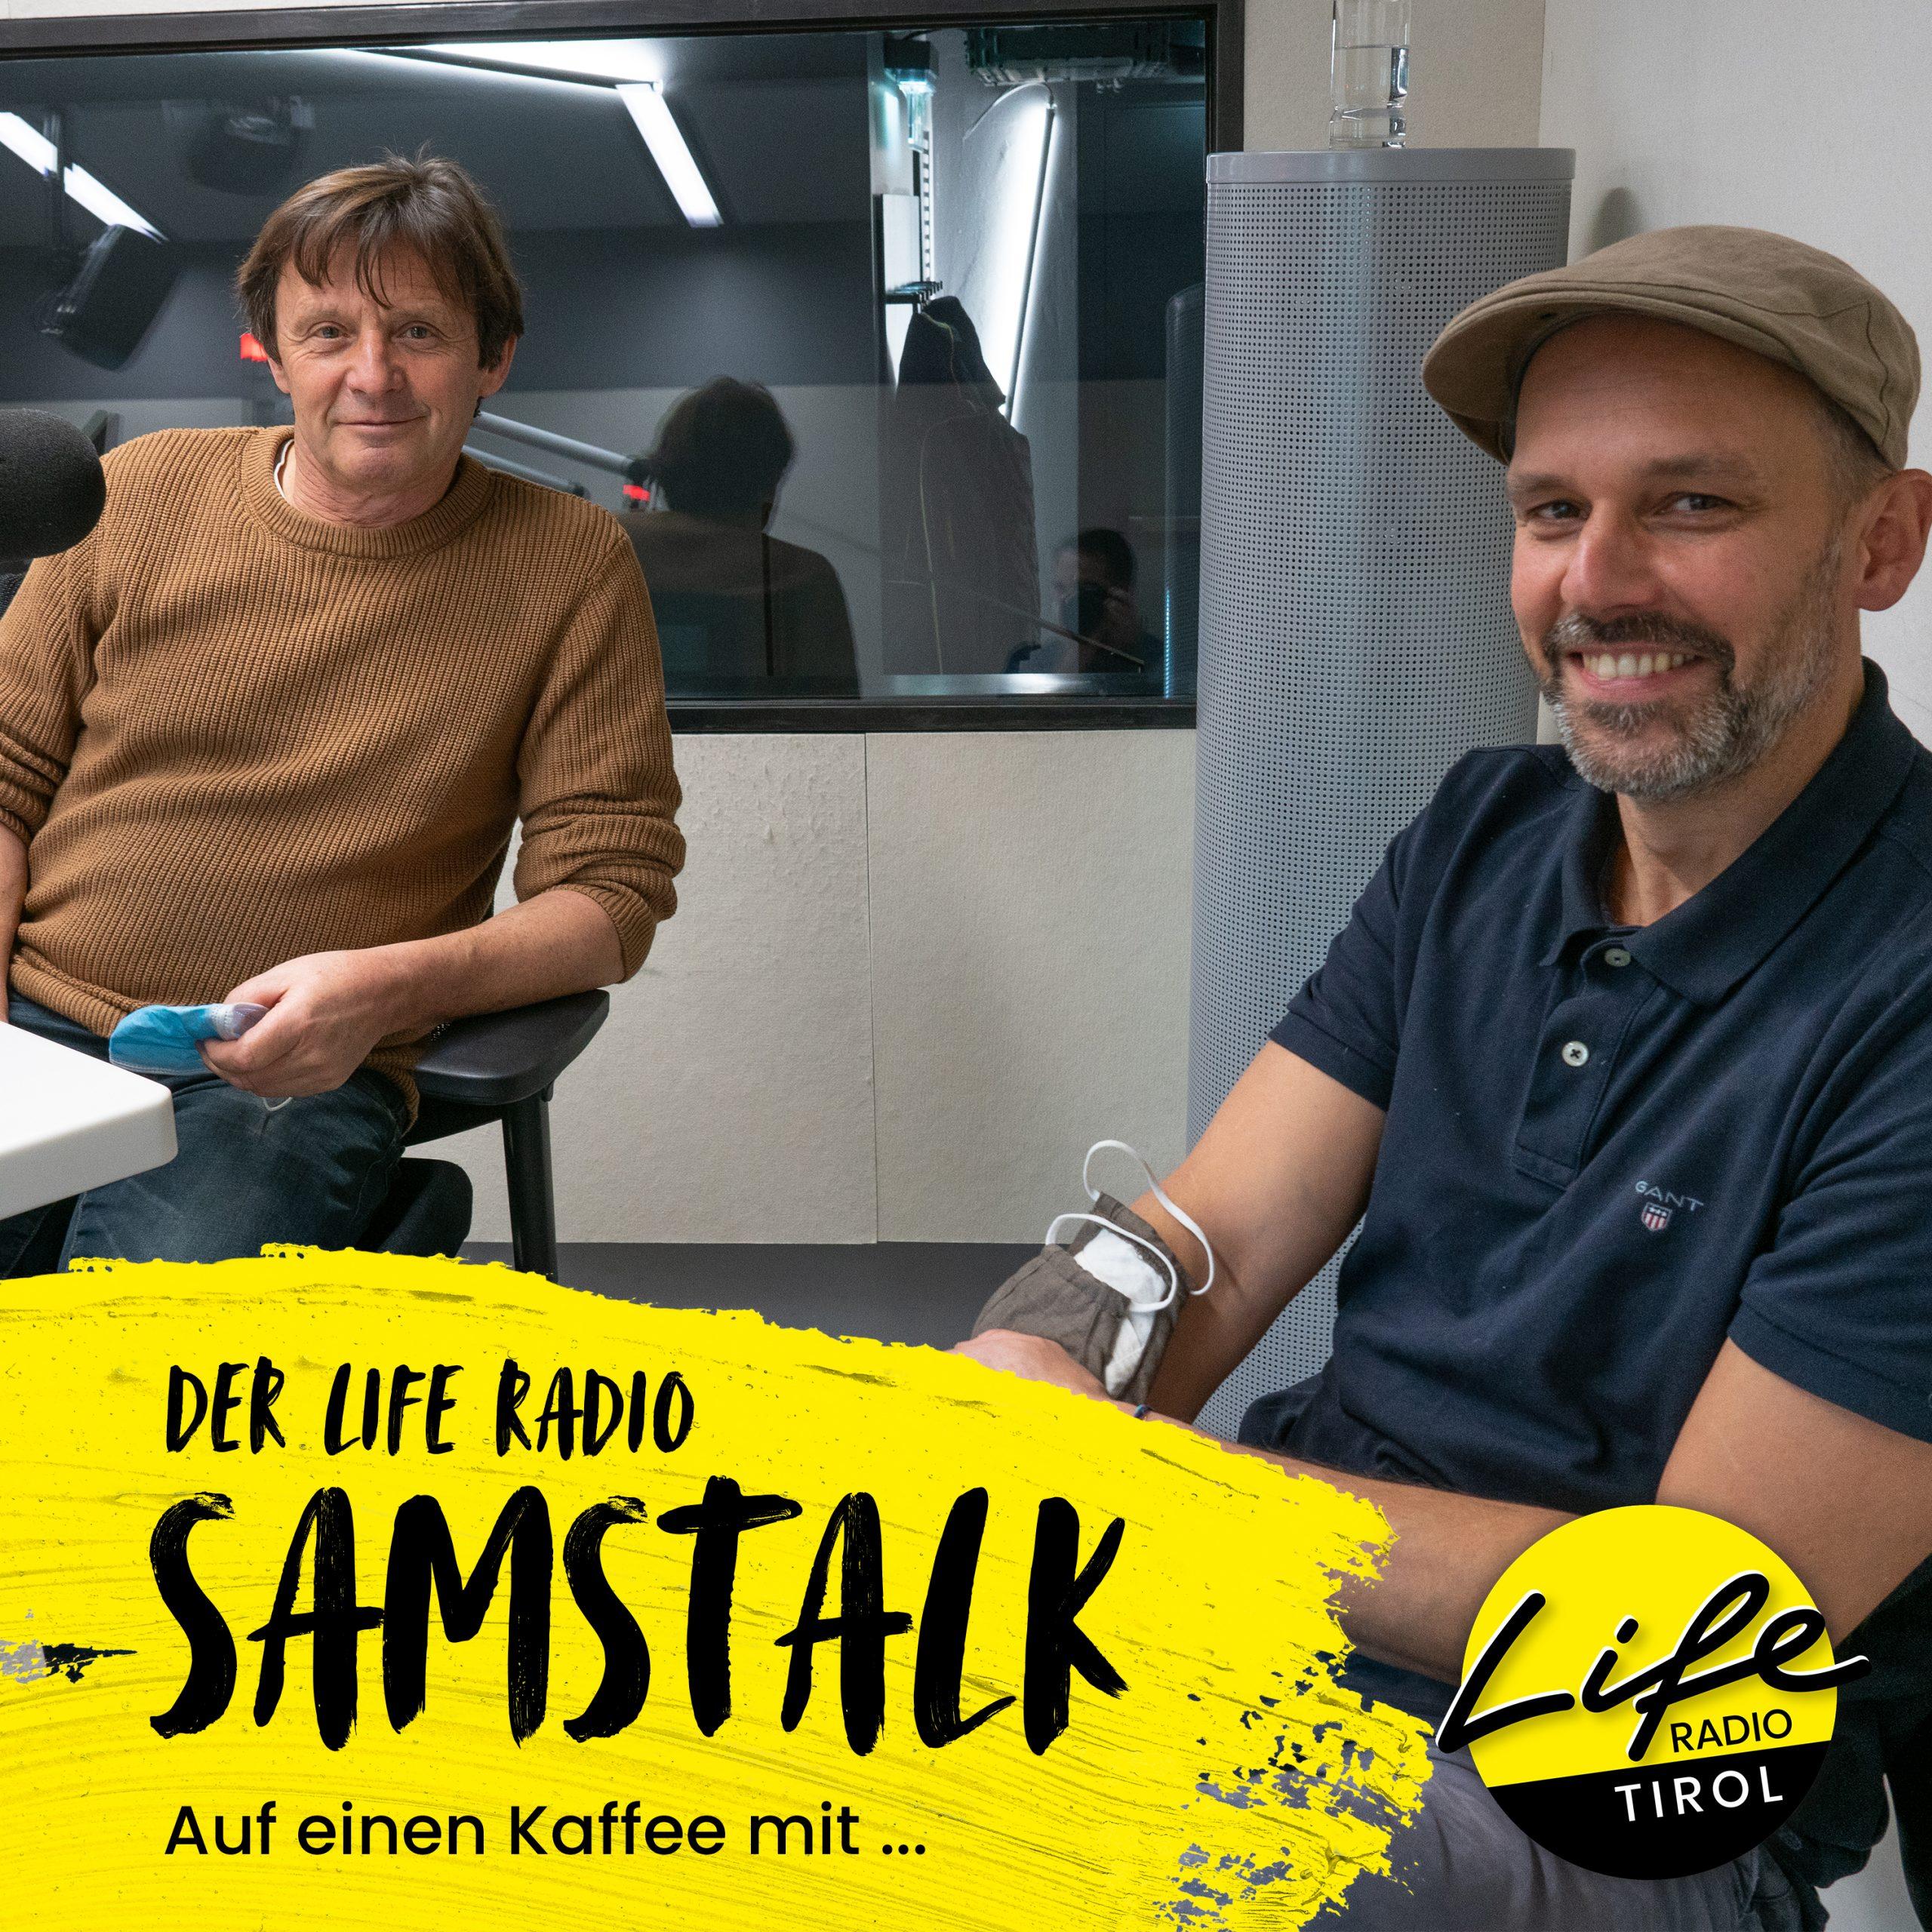 Auf einen Kaffee mit Manni Zöschg alias Der Luis